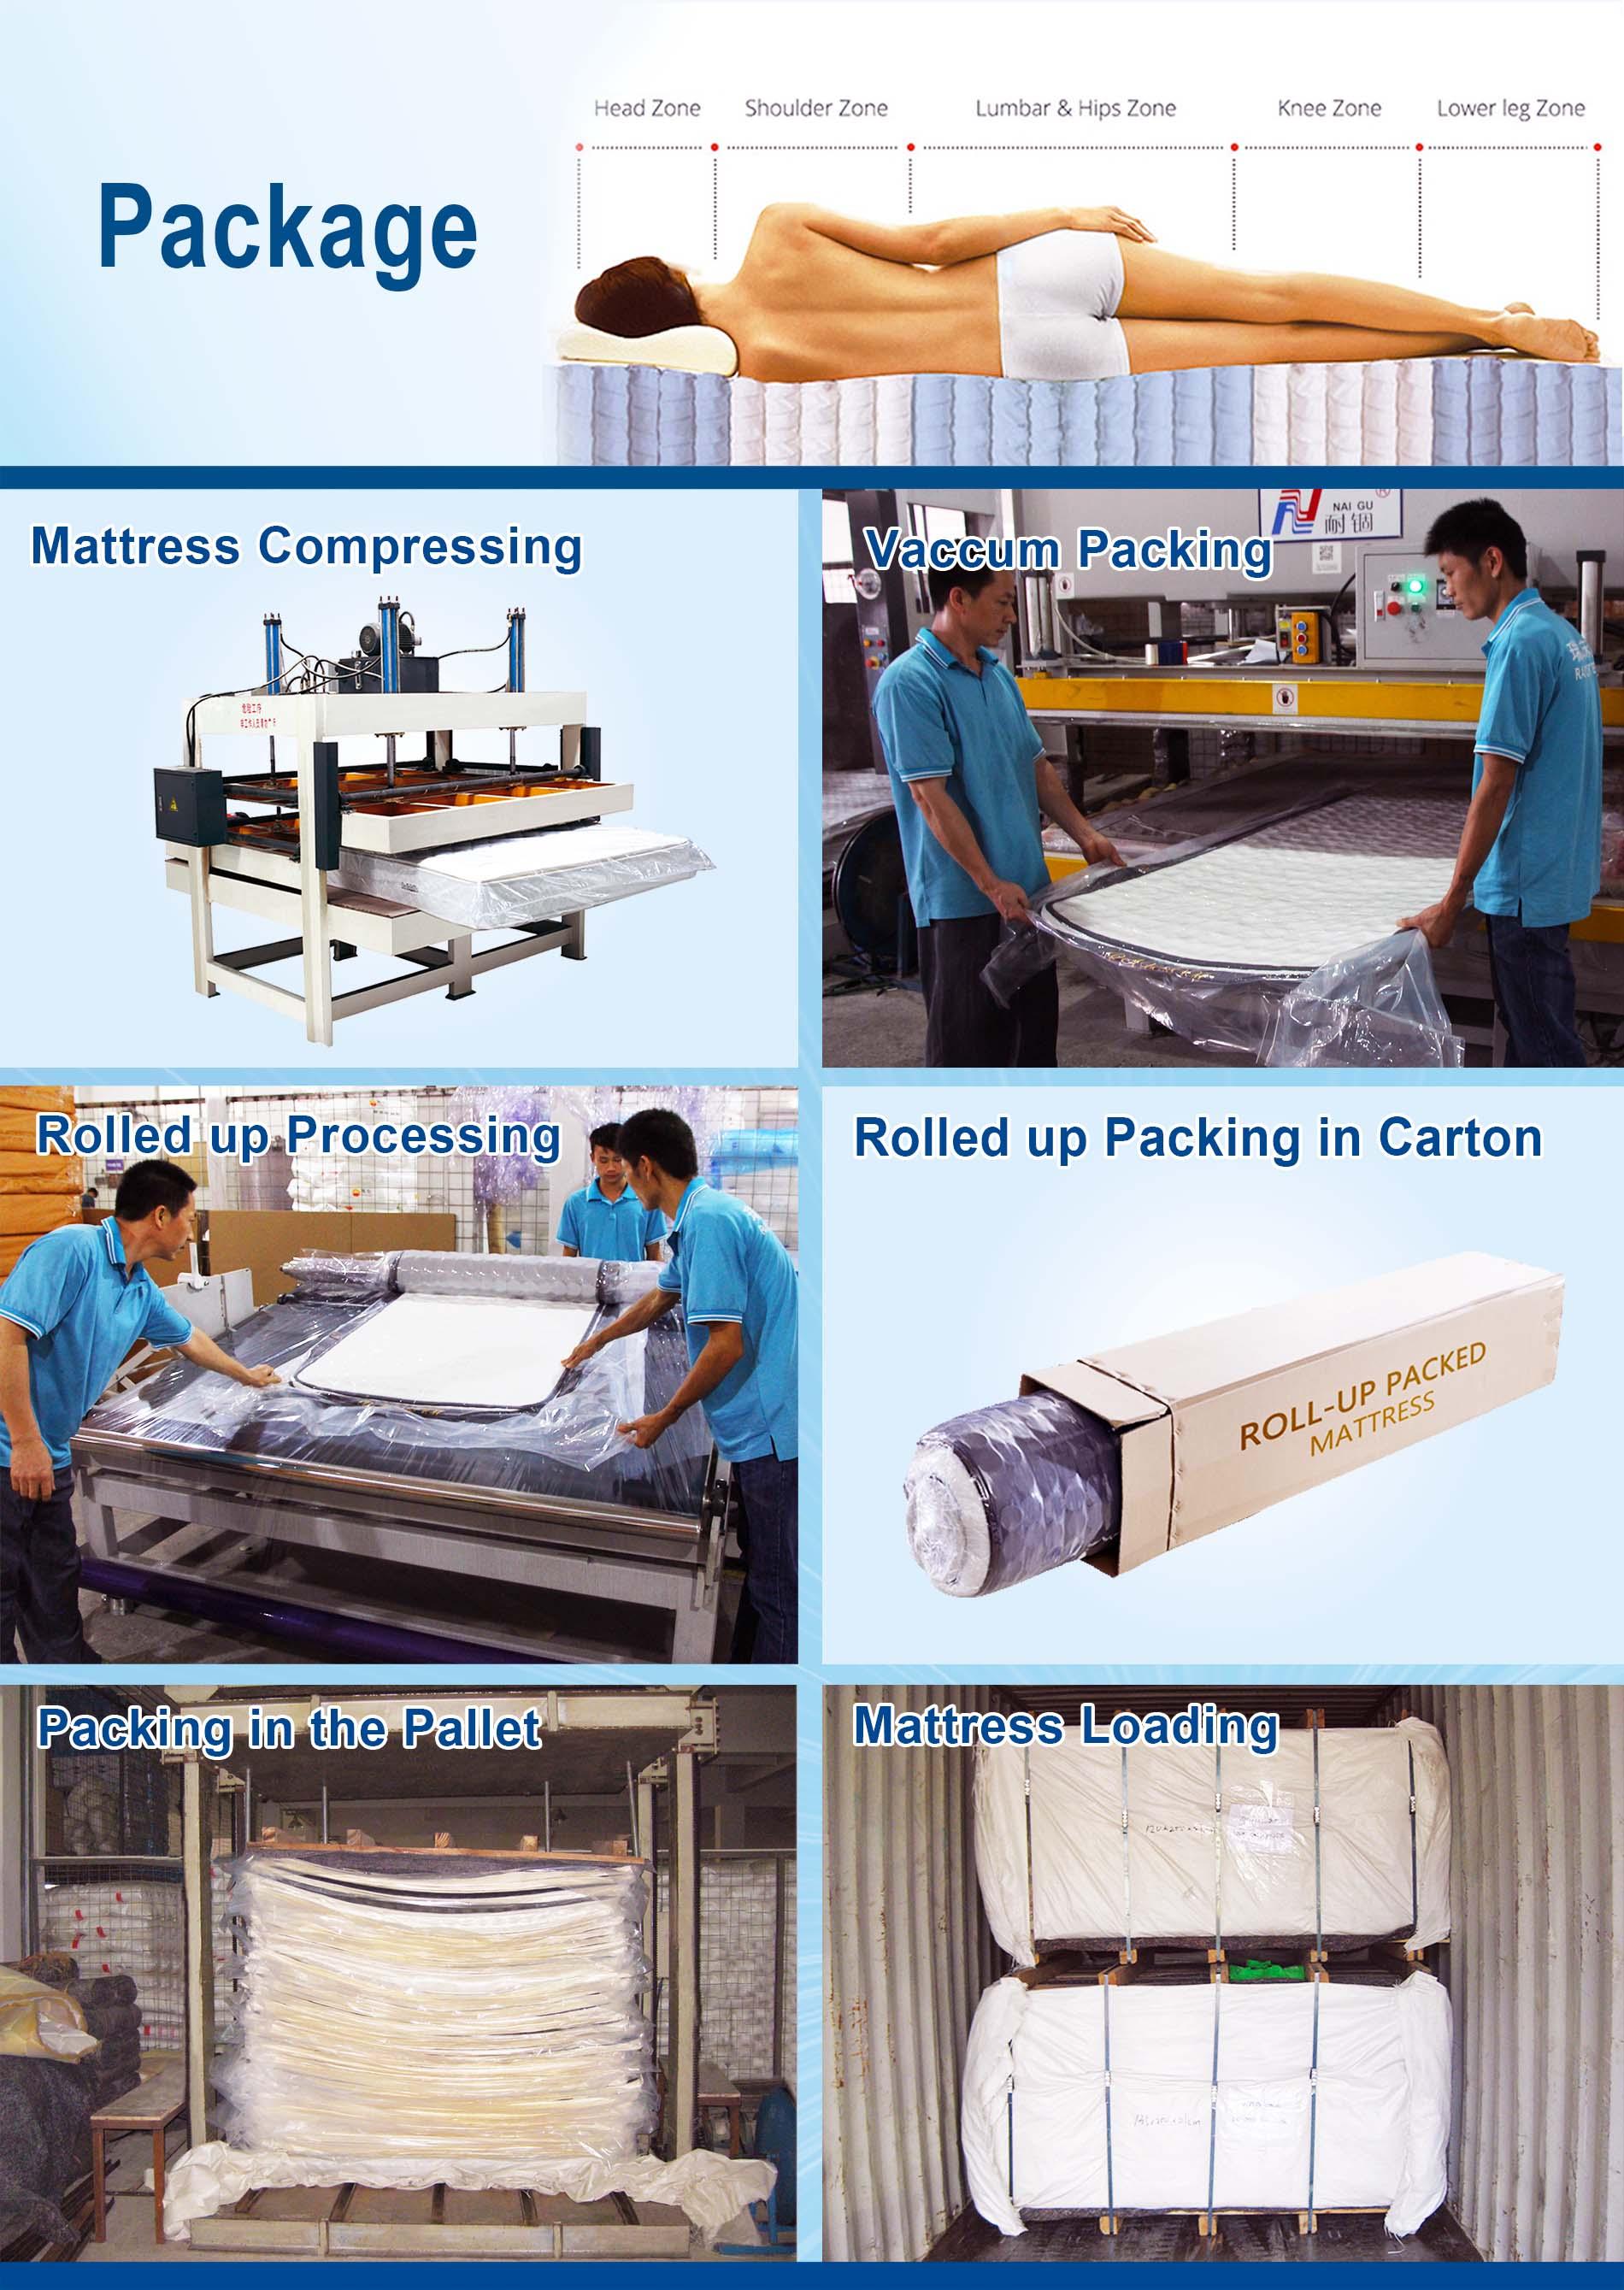 popular luxury hotel mattress brands luxury chic for customization-16